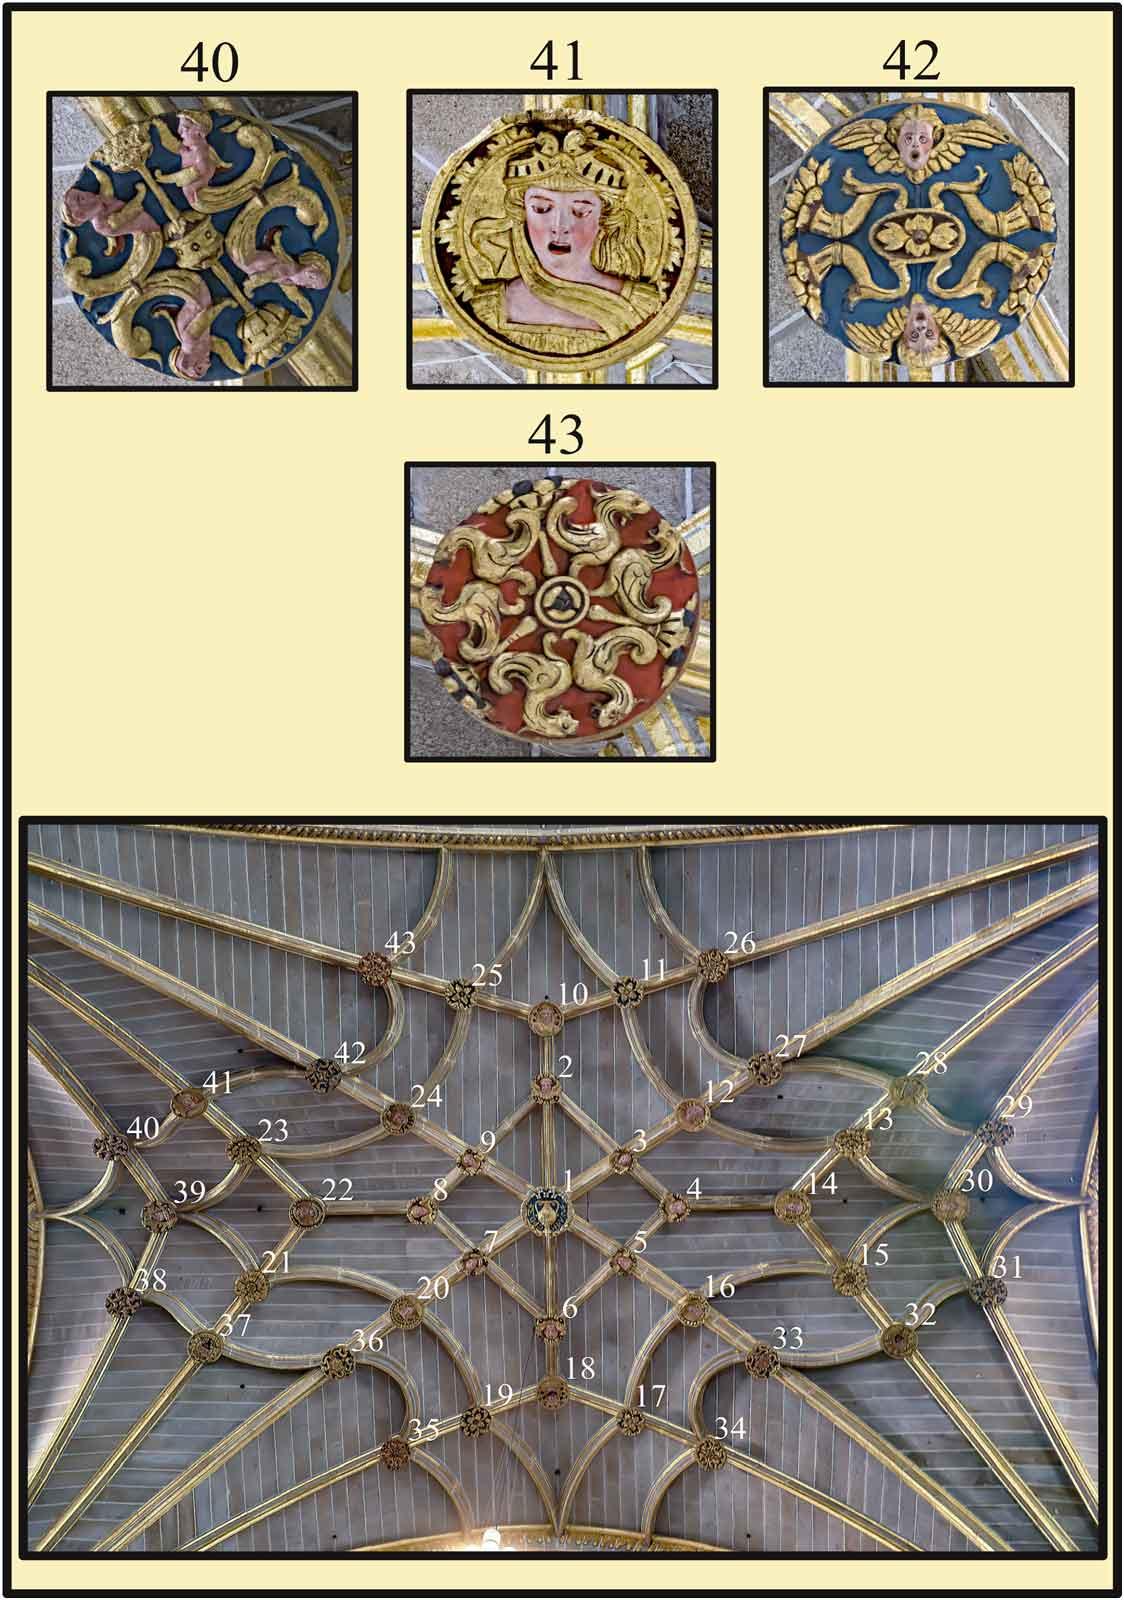 Claves de piedra policromada en la boveda gotica de crucería en el crucero de la Catedral Dorada Plasencia